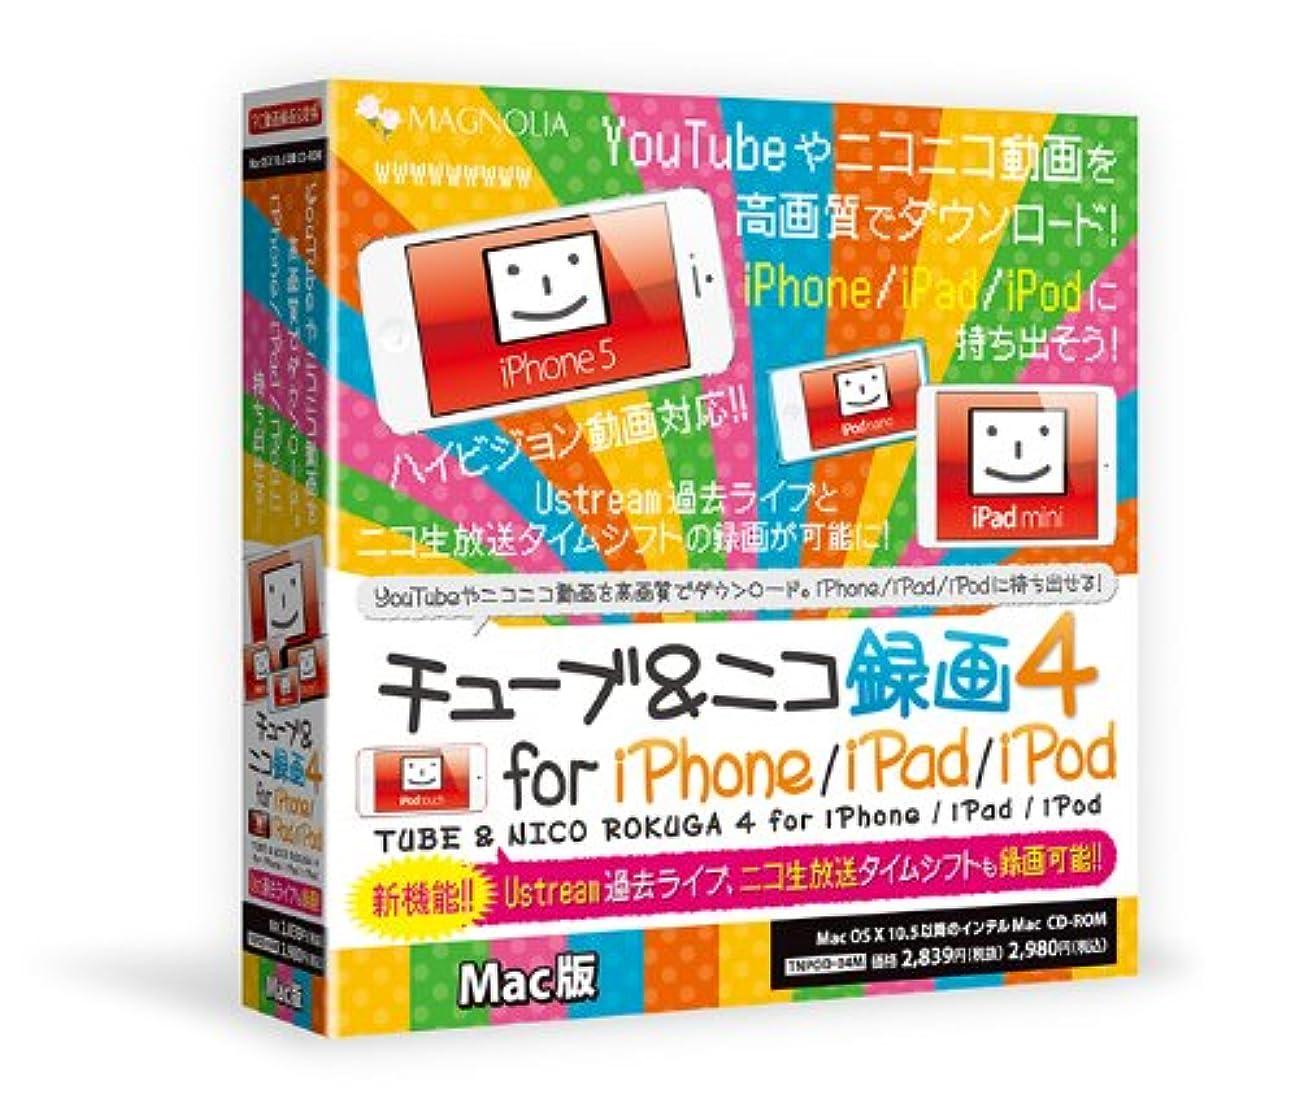 へこみ晴れトリムチューブ&ニコ録画4 for iPhone/iPad/iPod Mac版